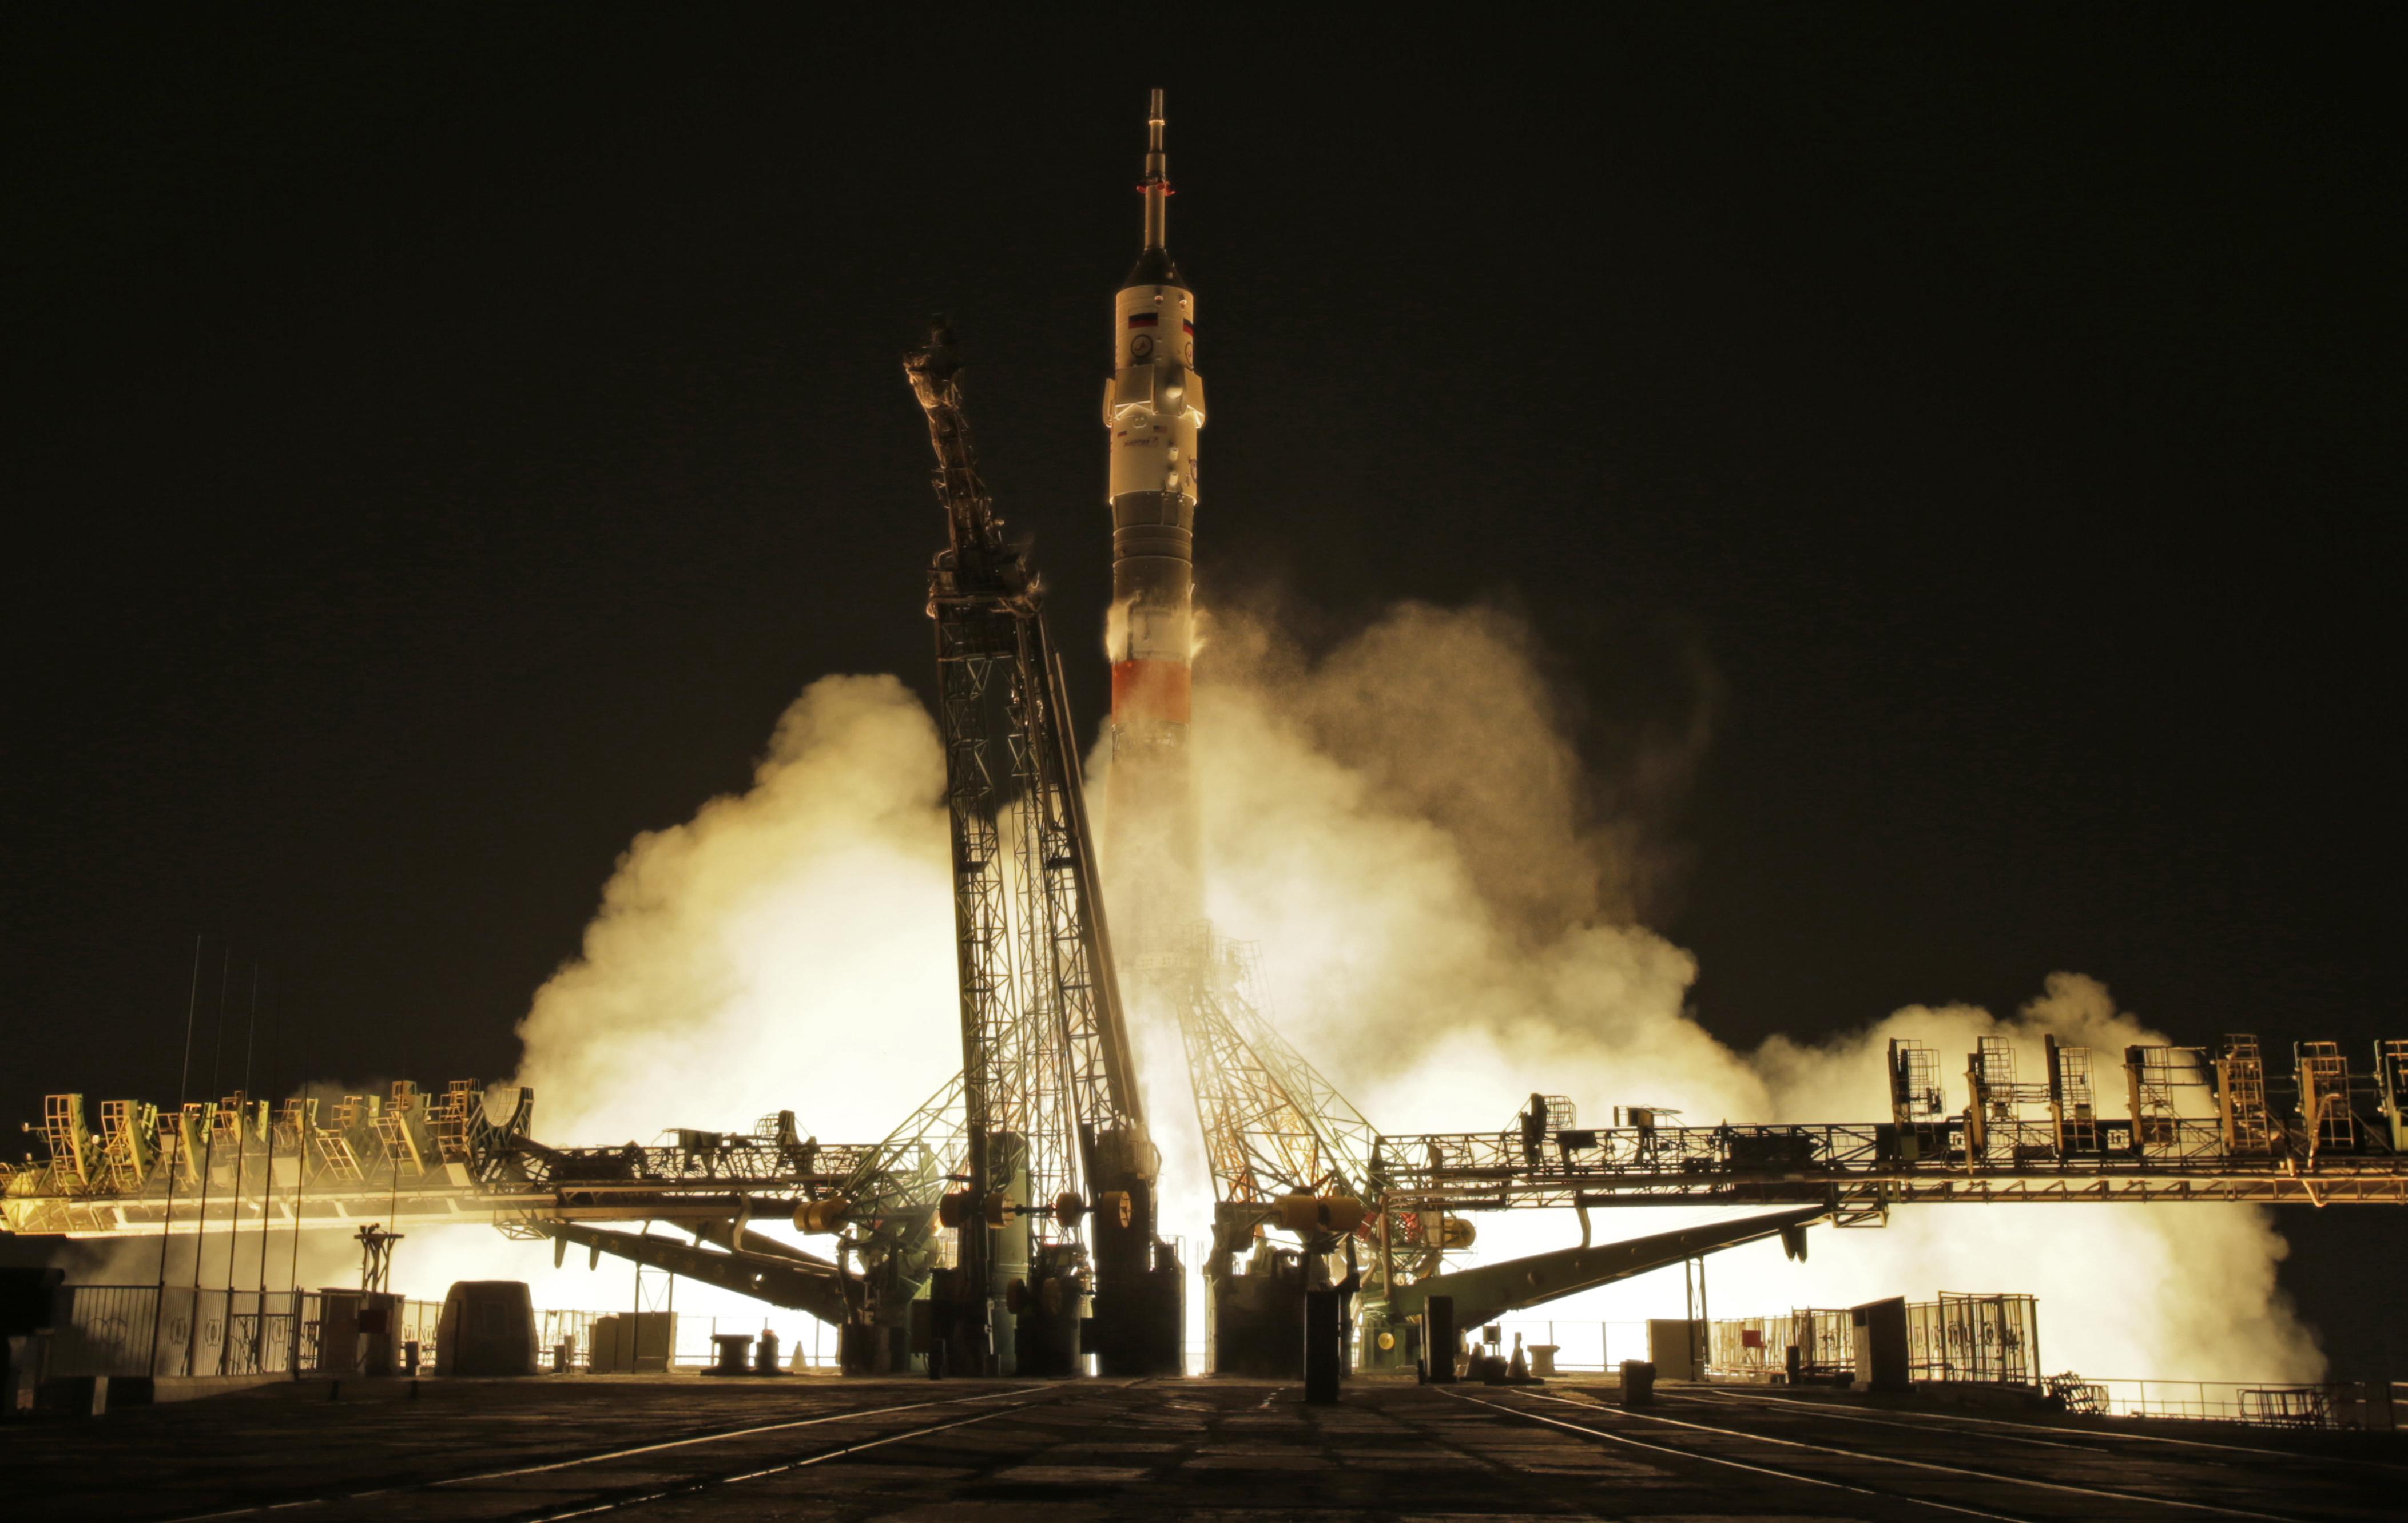 Fransız Thomas Pesquet, Rus Oleg Novitski ve Amerikalı Peggy Whitson'ı uzaya götüren Soyuz aracı 17 Kasım'da fırlatıldı